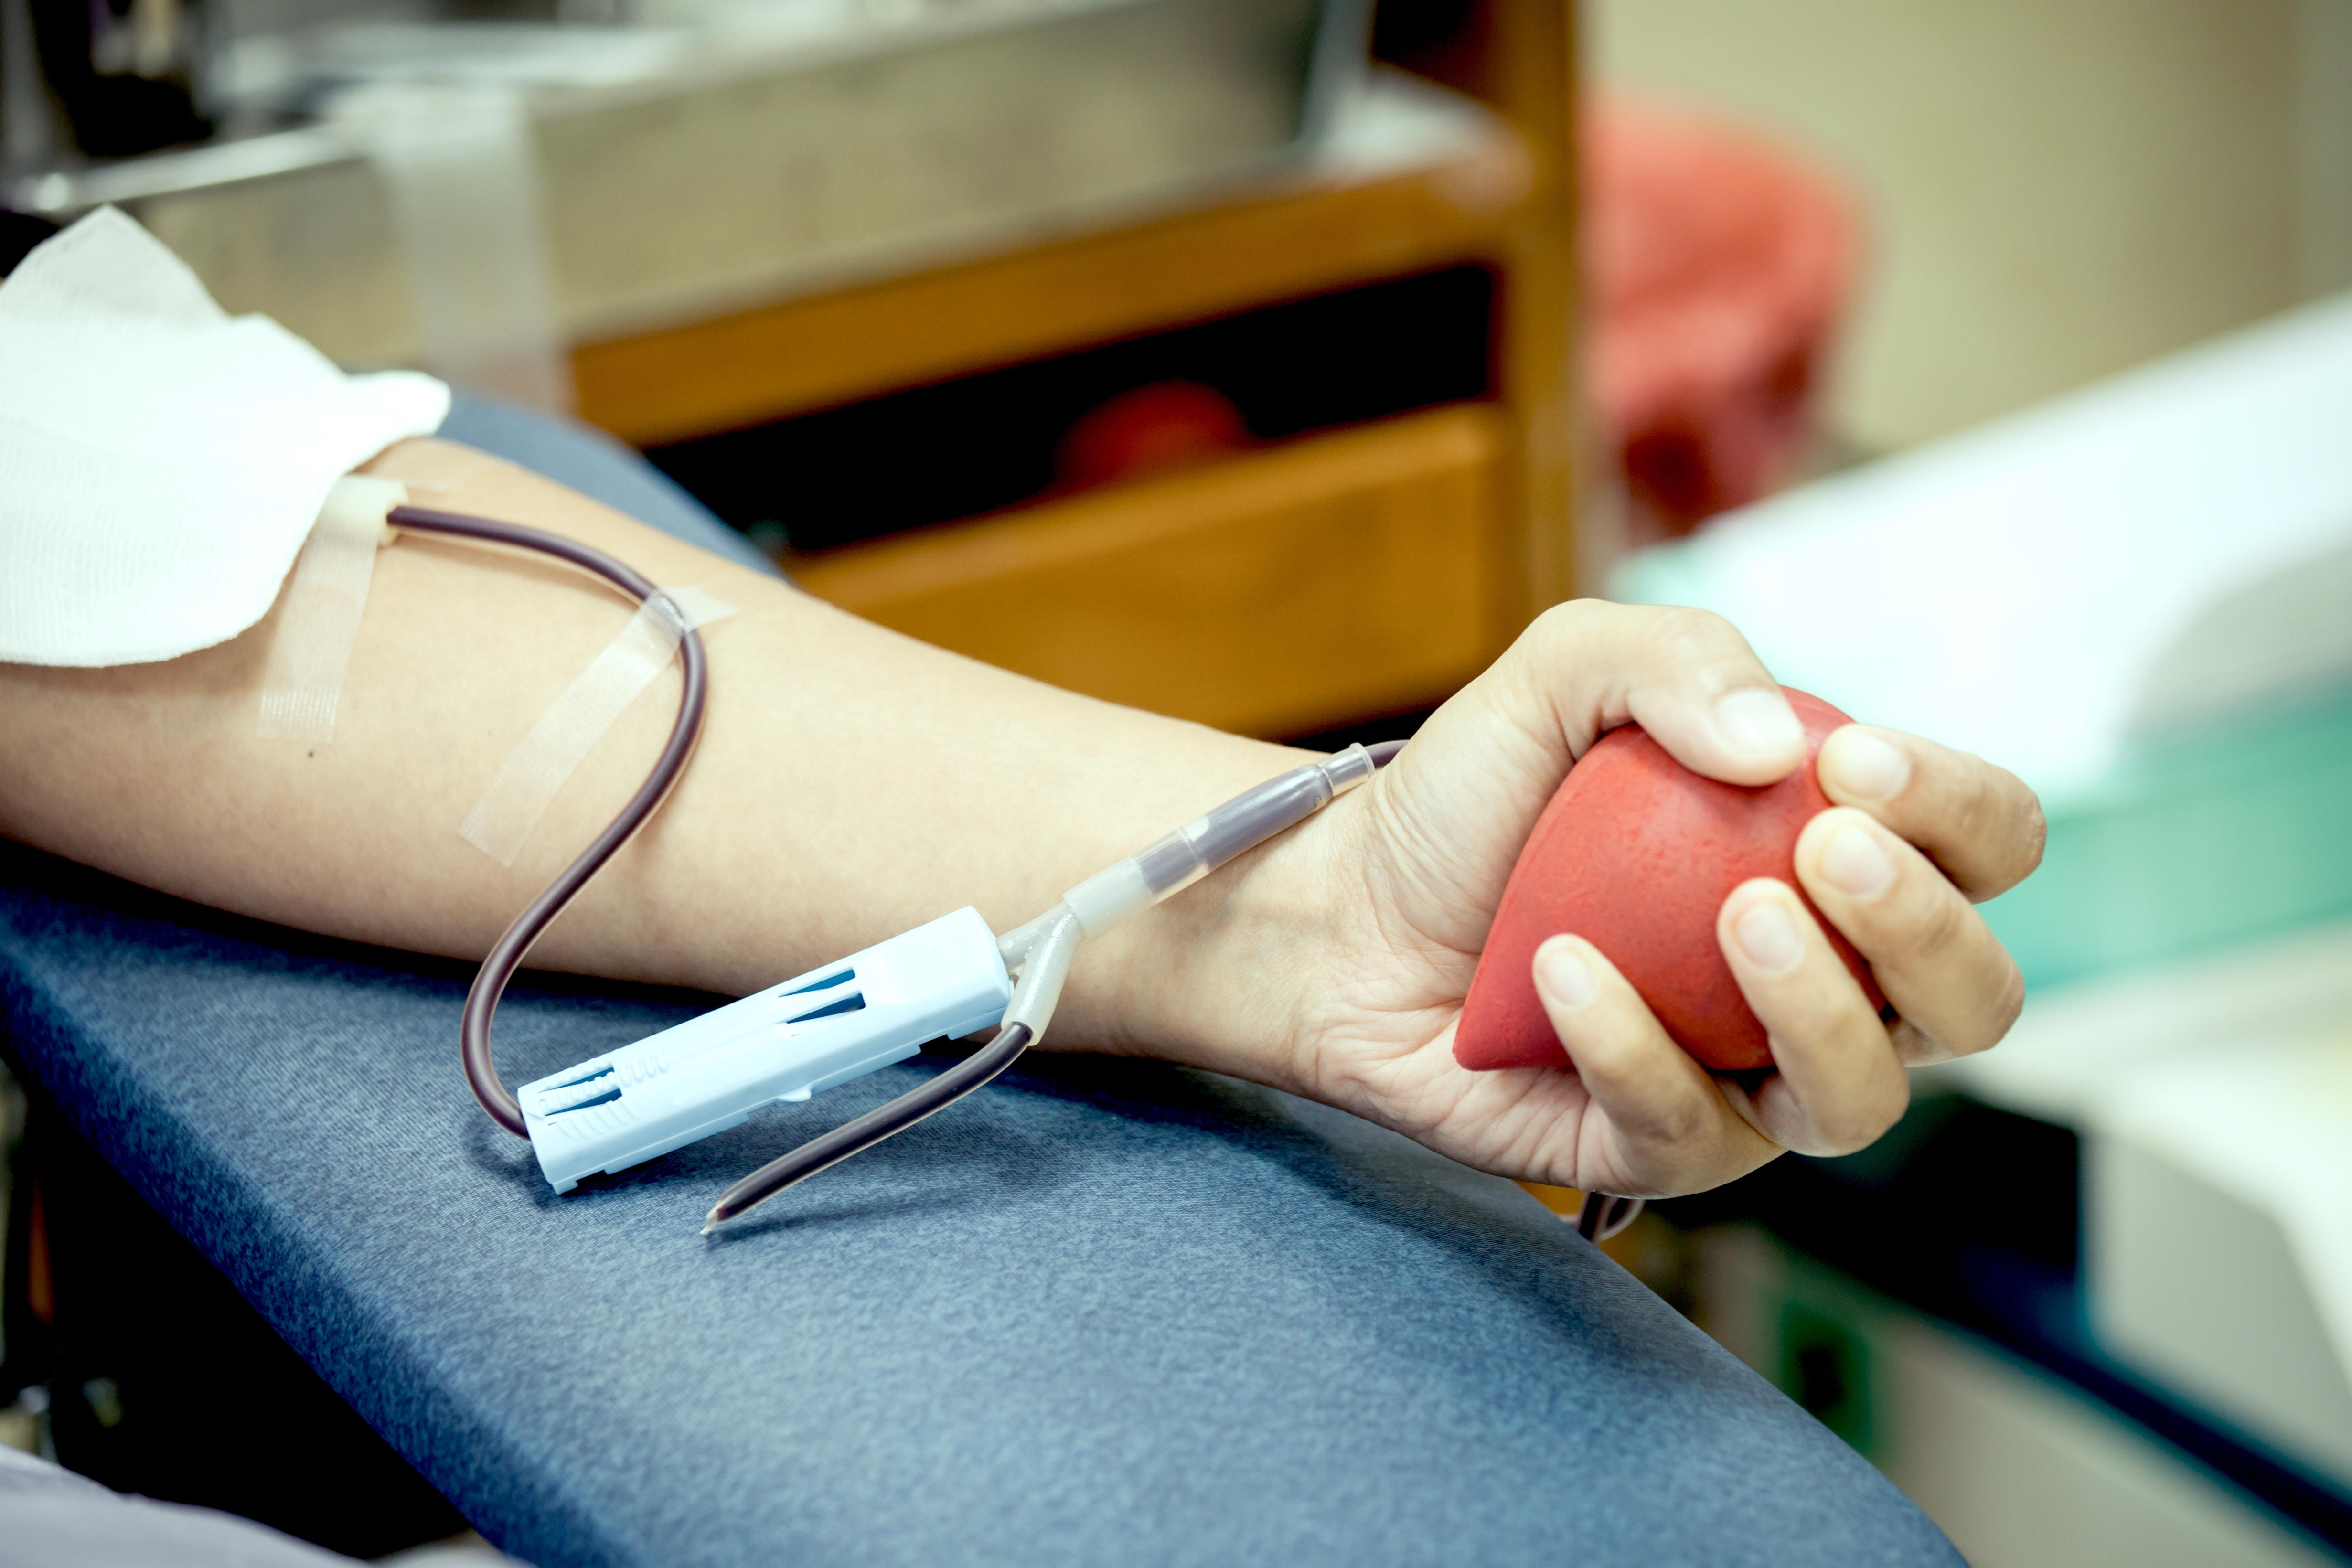 Criză de sânge în Iași. Cel mai mare spital din Moldova și-a amânat operațiile